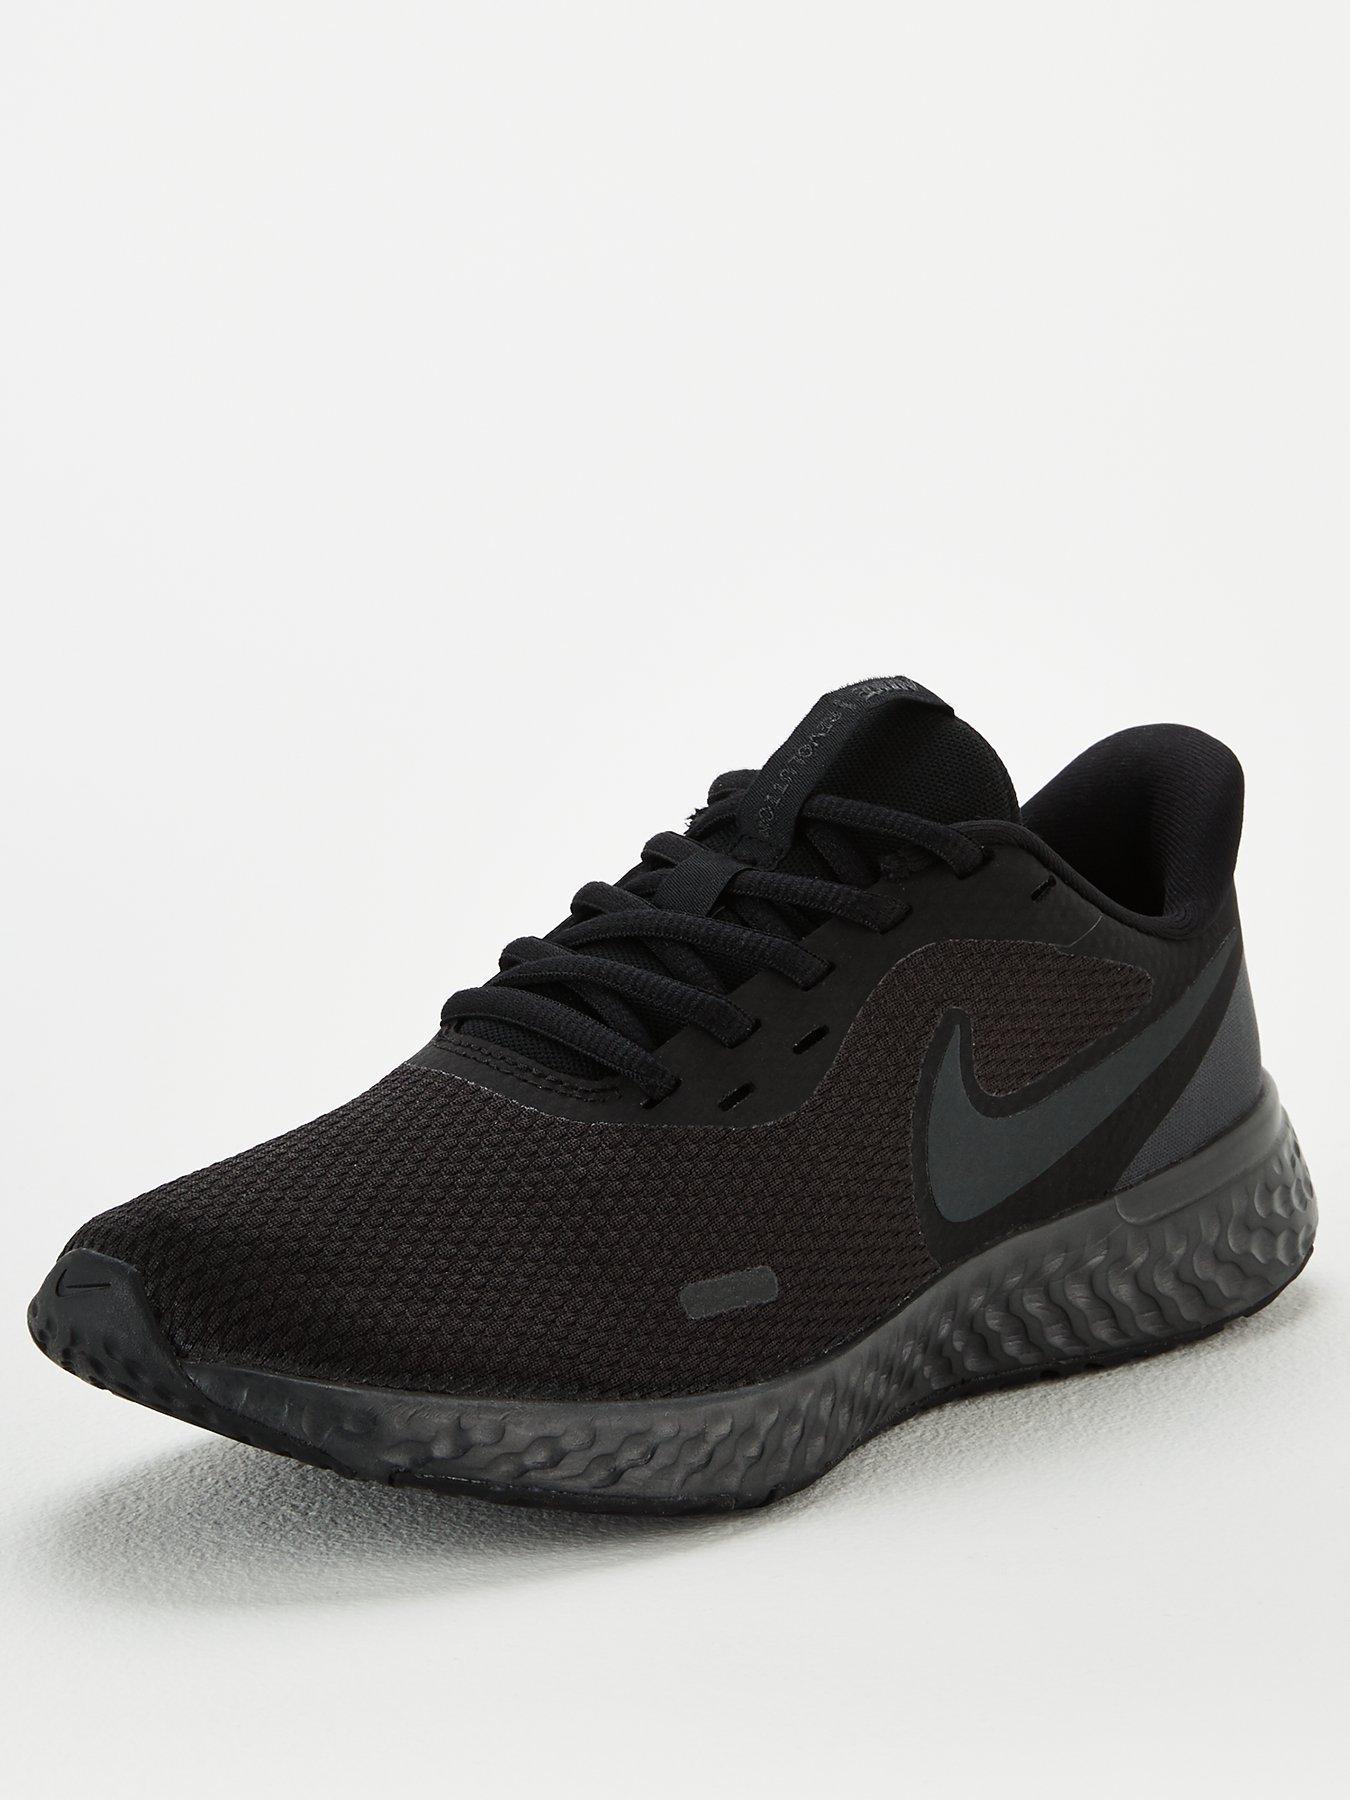 Nike Women's Trainers \u0026 Runners